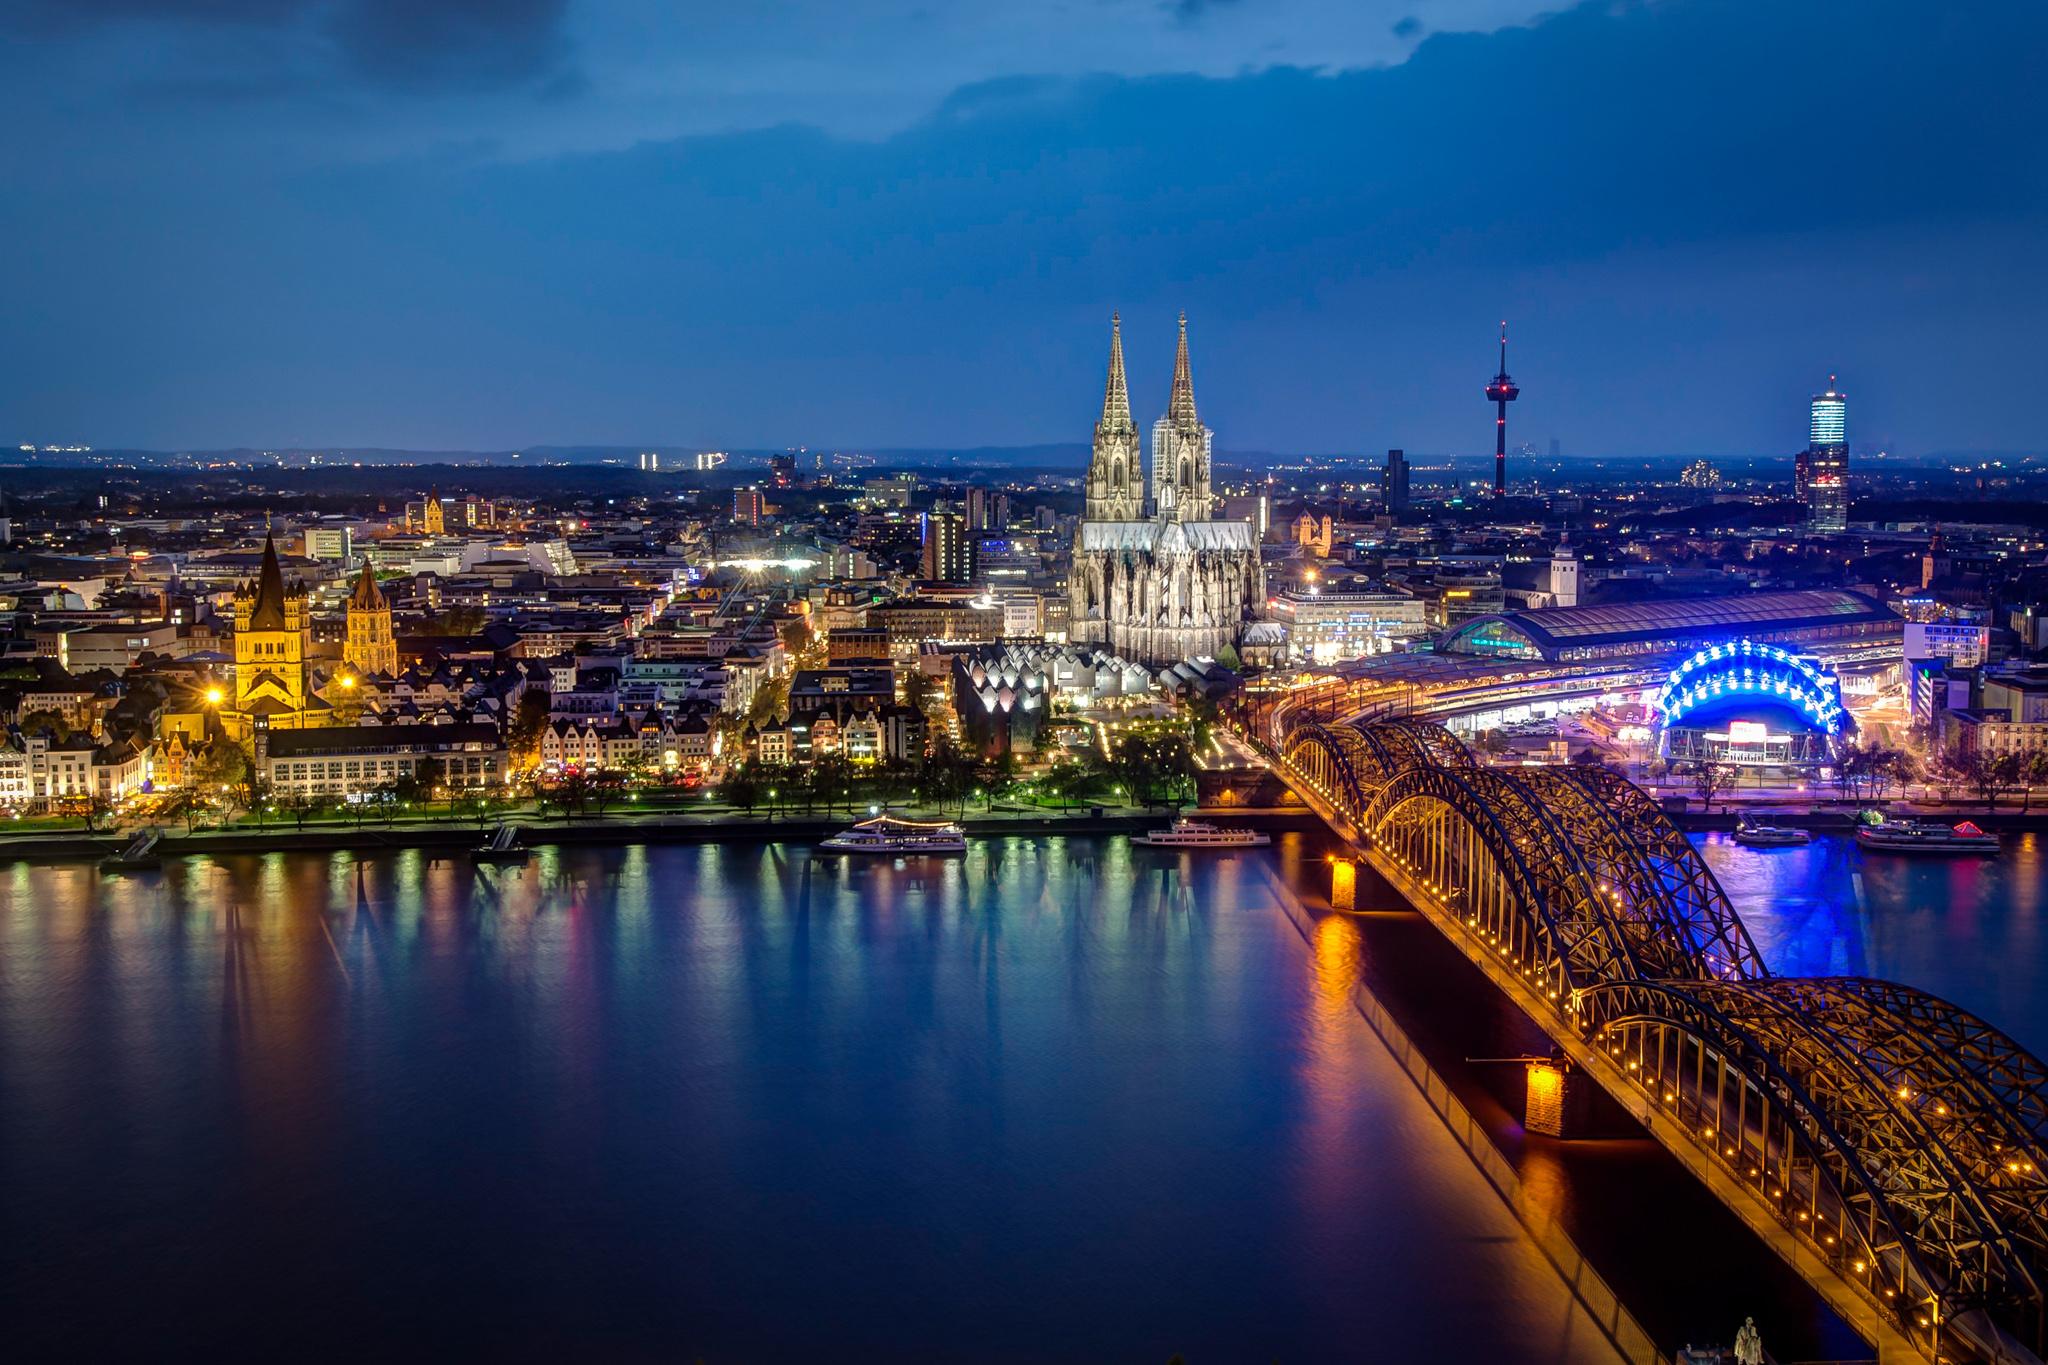 Photokina Photowalk 2018 spezial September Köln